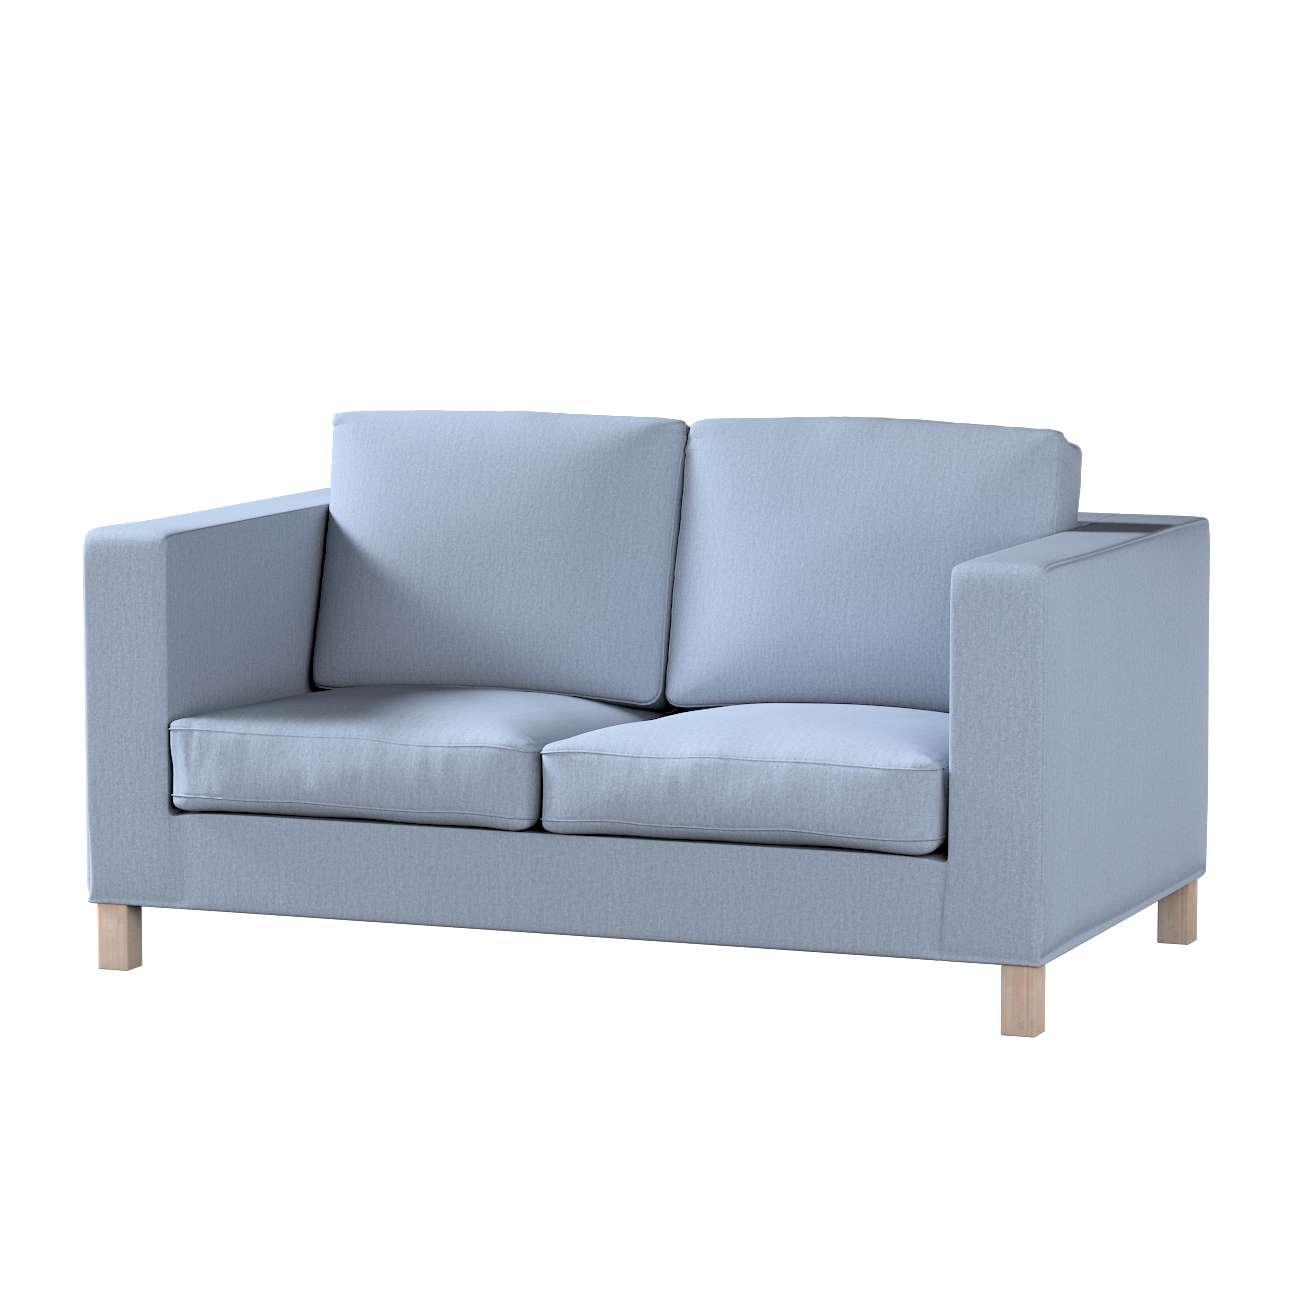 Karlanda klädsel<br>2-sits soffa - kort klädsel i kollektionen Chenille, Tyg: 702-13